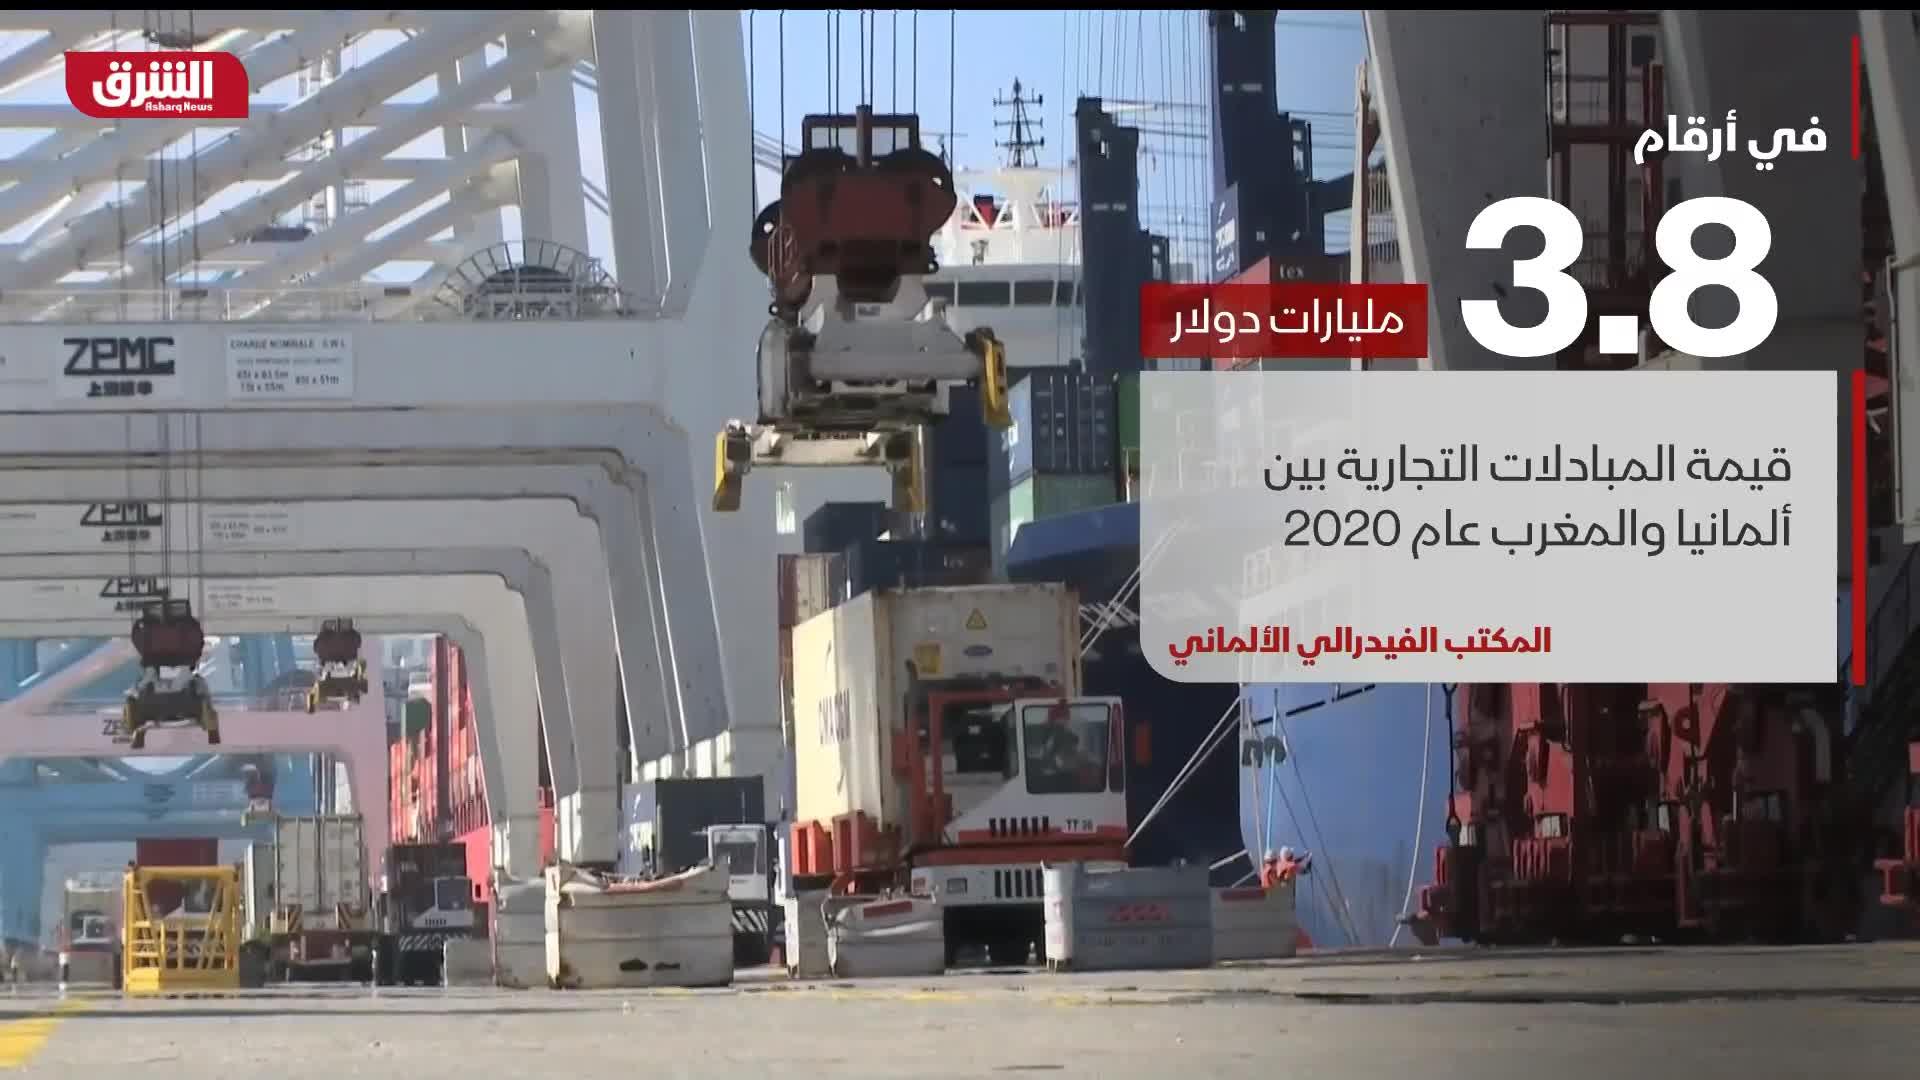 حركة التبال التجاري بين المغرب وألمانيا تعكس علاقات تجارية متينة